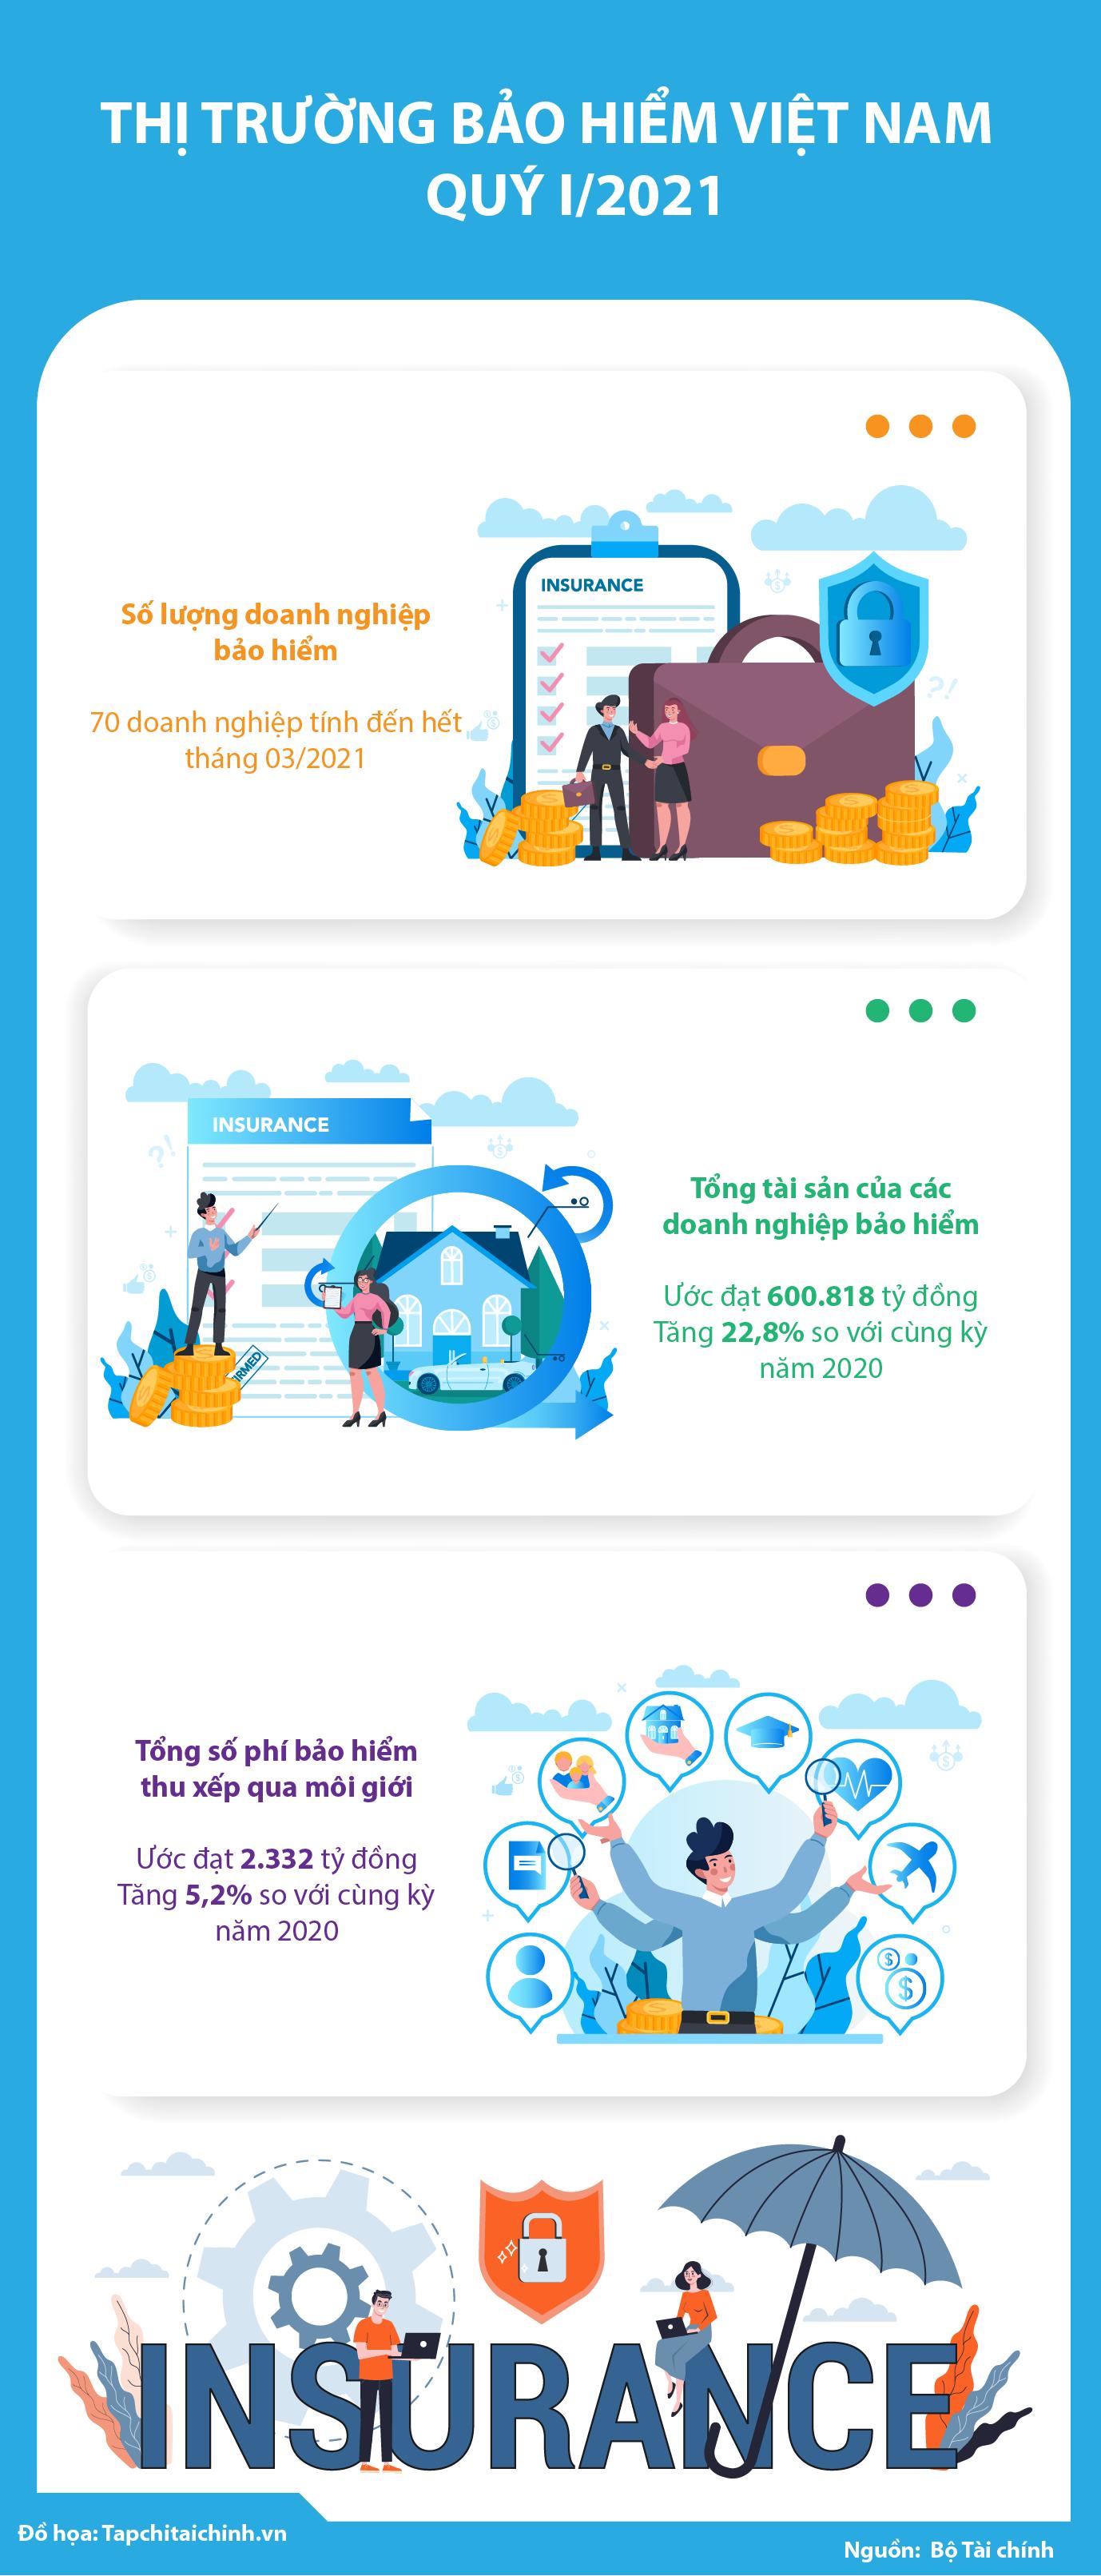 [Infographic] Thị trường bảo hiểm Việt Nam trong quý I/2021 - Ảnh 1